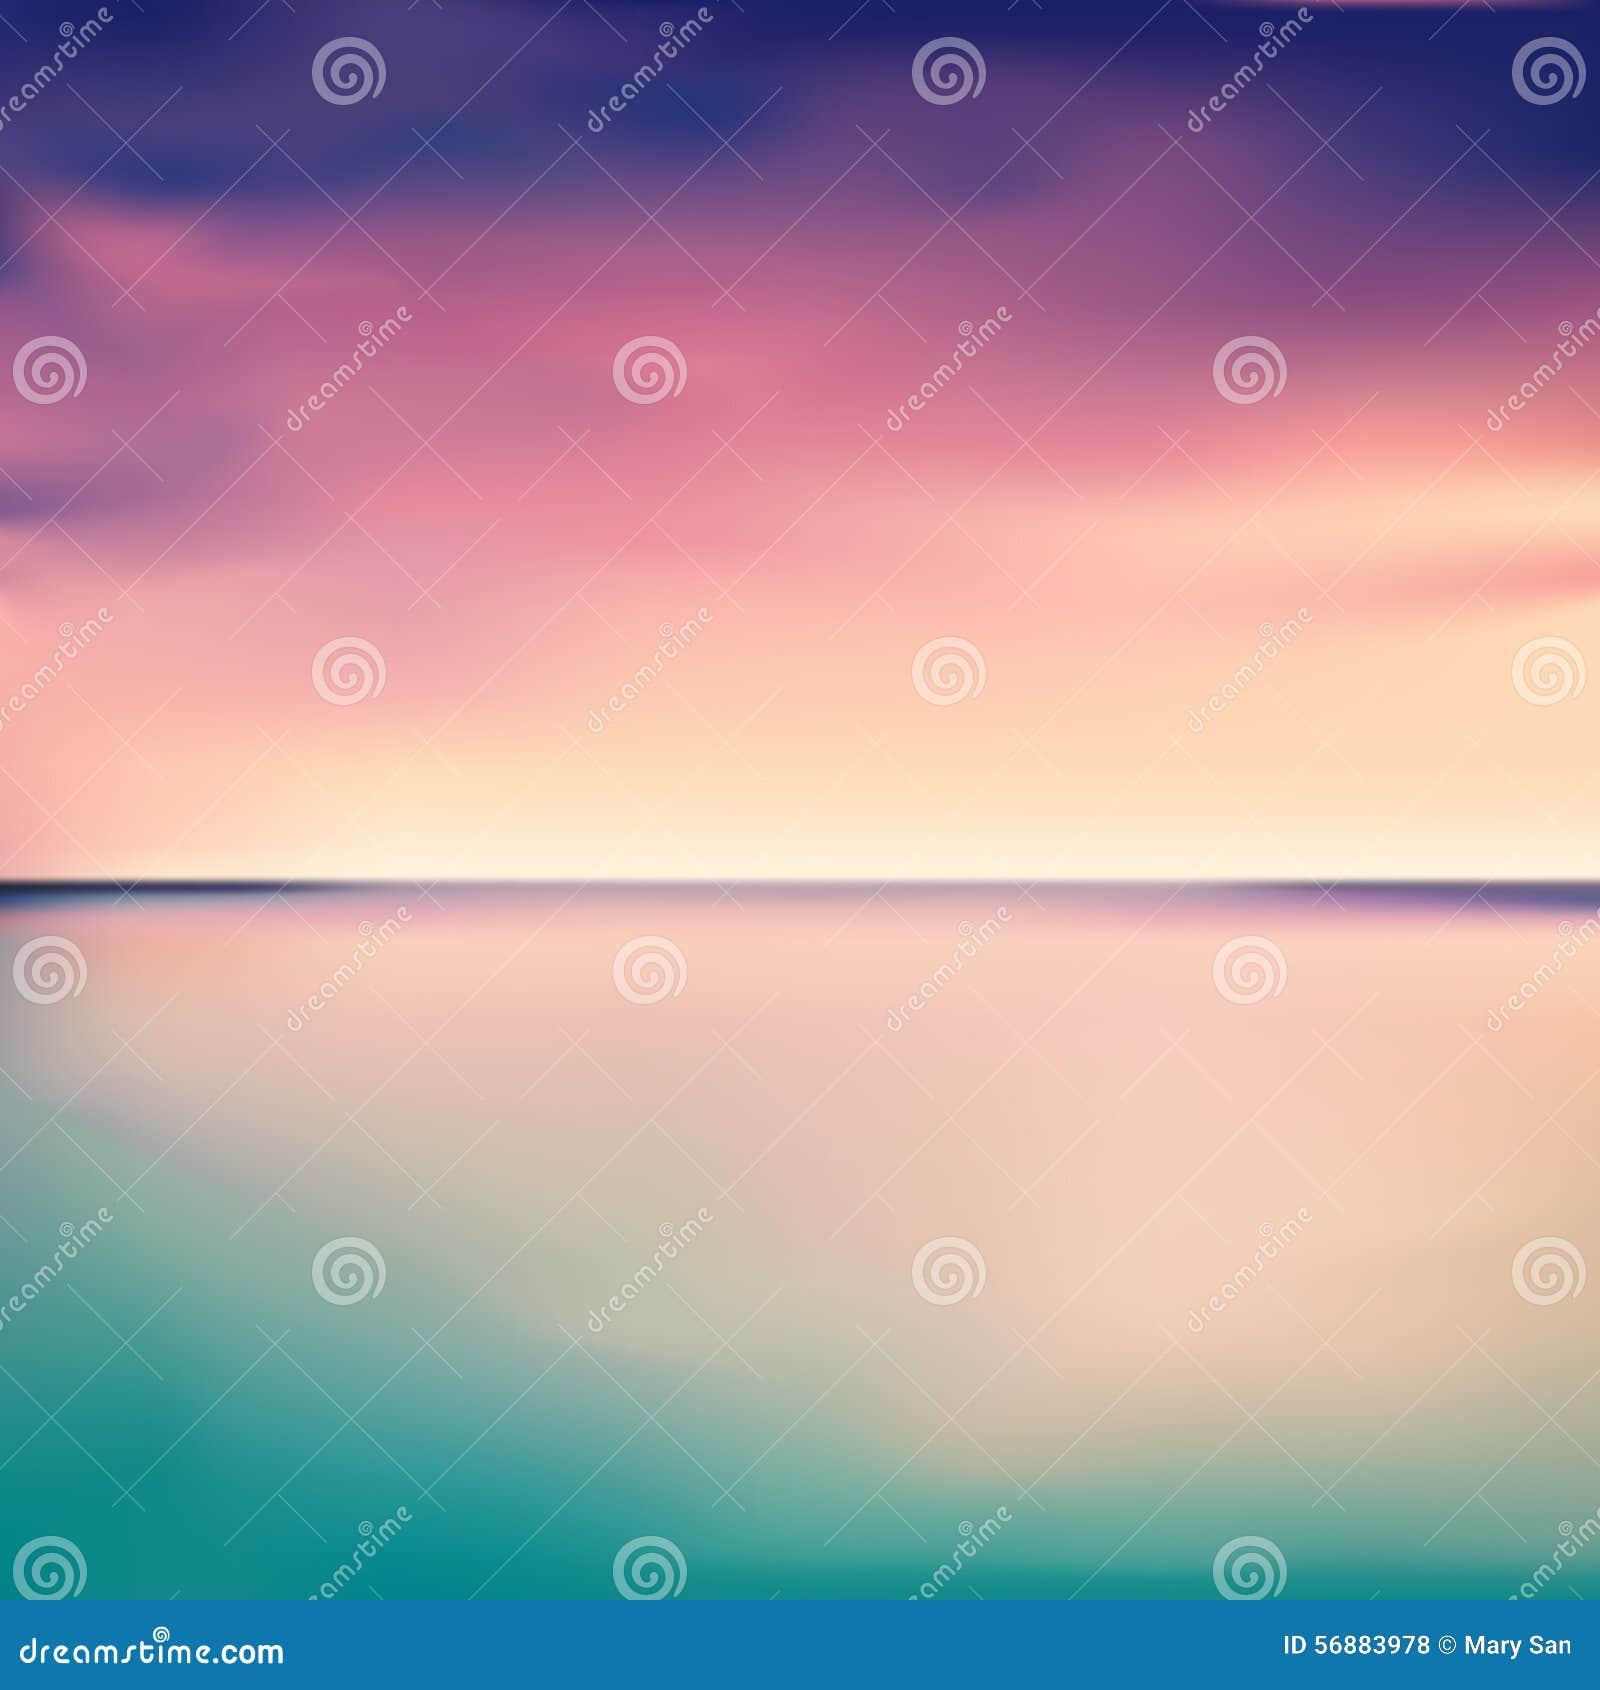 Panorama di un tramonto nel mare o nell oceano, vettore